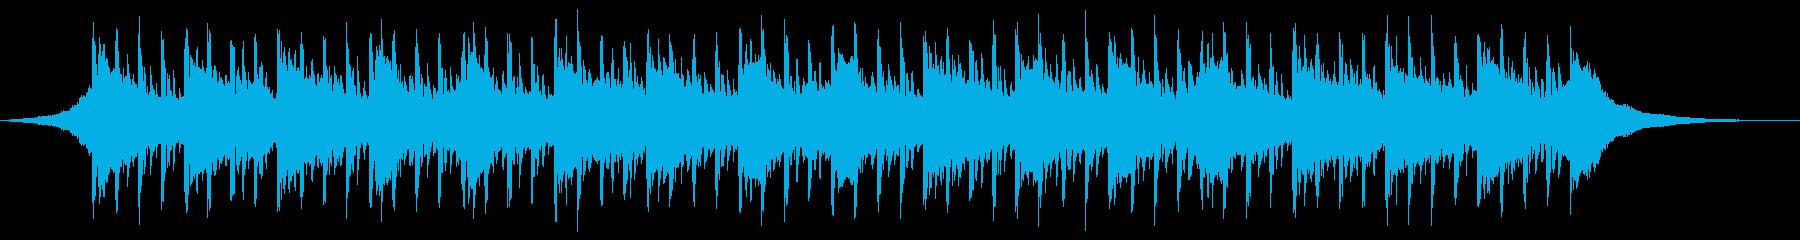 健康と医学(40秒)の再生済みの波形